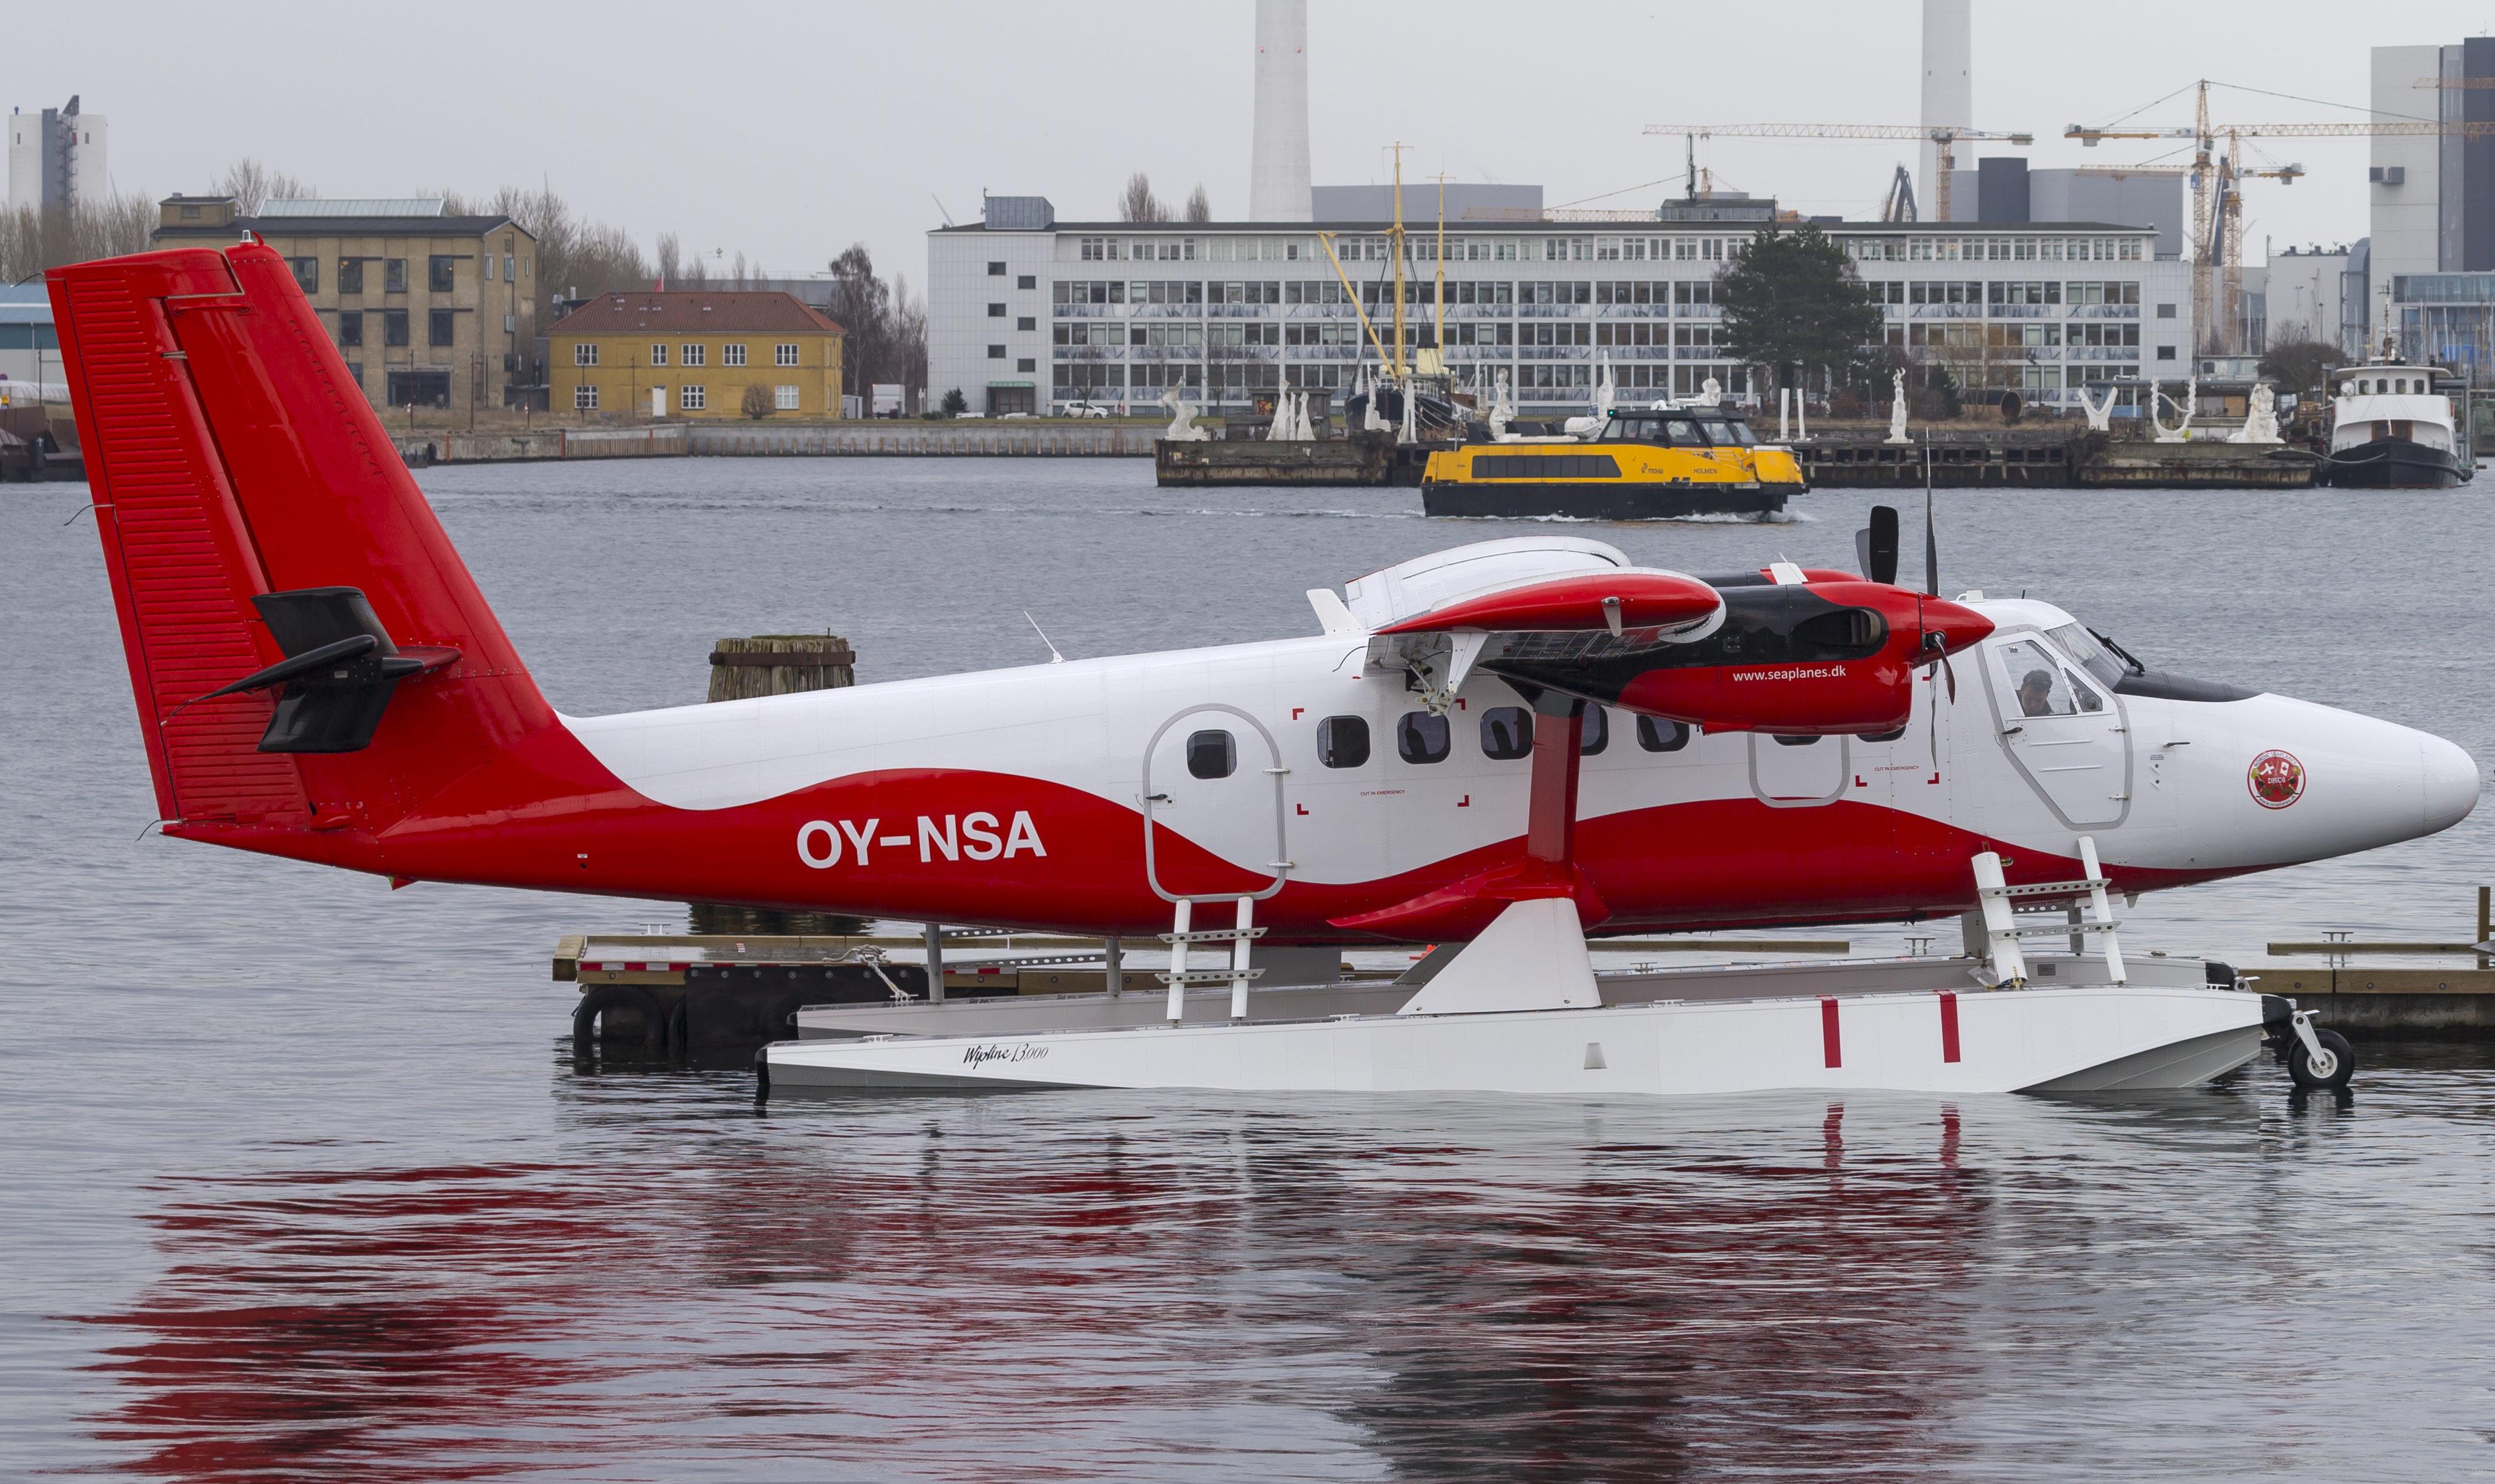 Twin Otter-vandflyet – OY-NSA – fra Nordic Seaplanes i Københavns Havn. Foto: © Thorbjørn Brunander Sund, Danish Aviation Photo